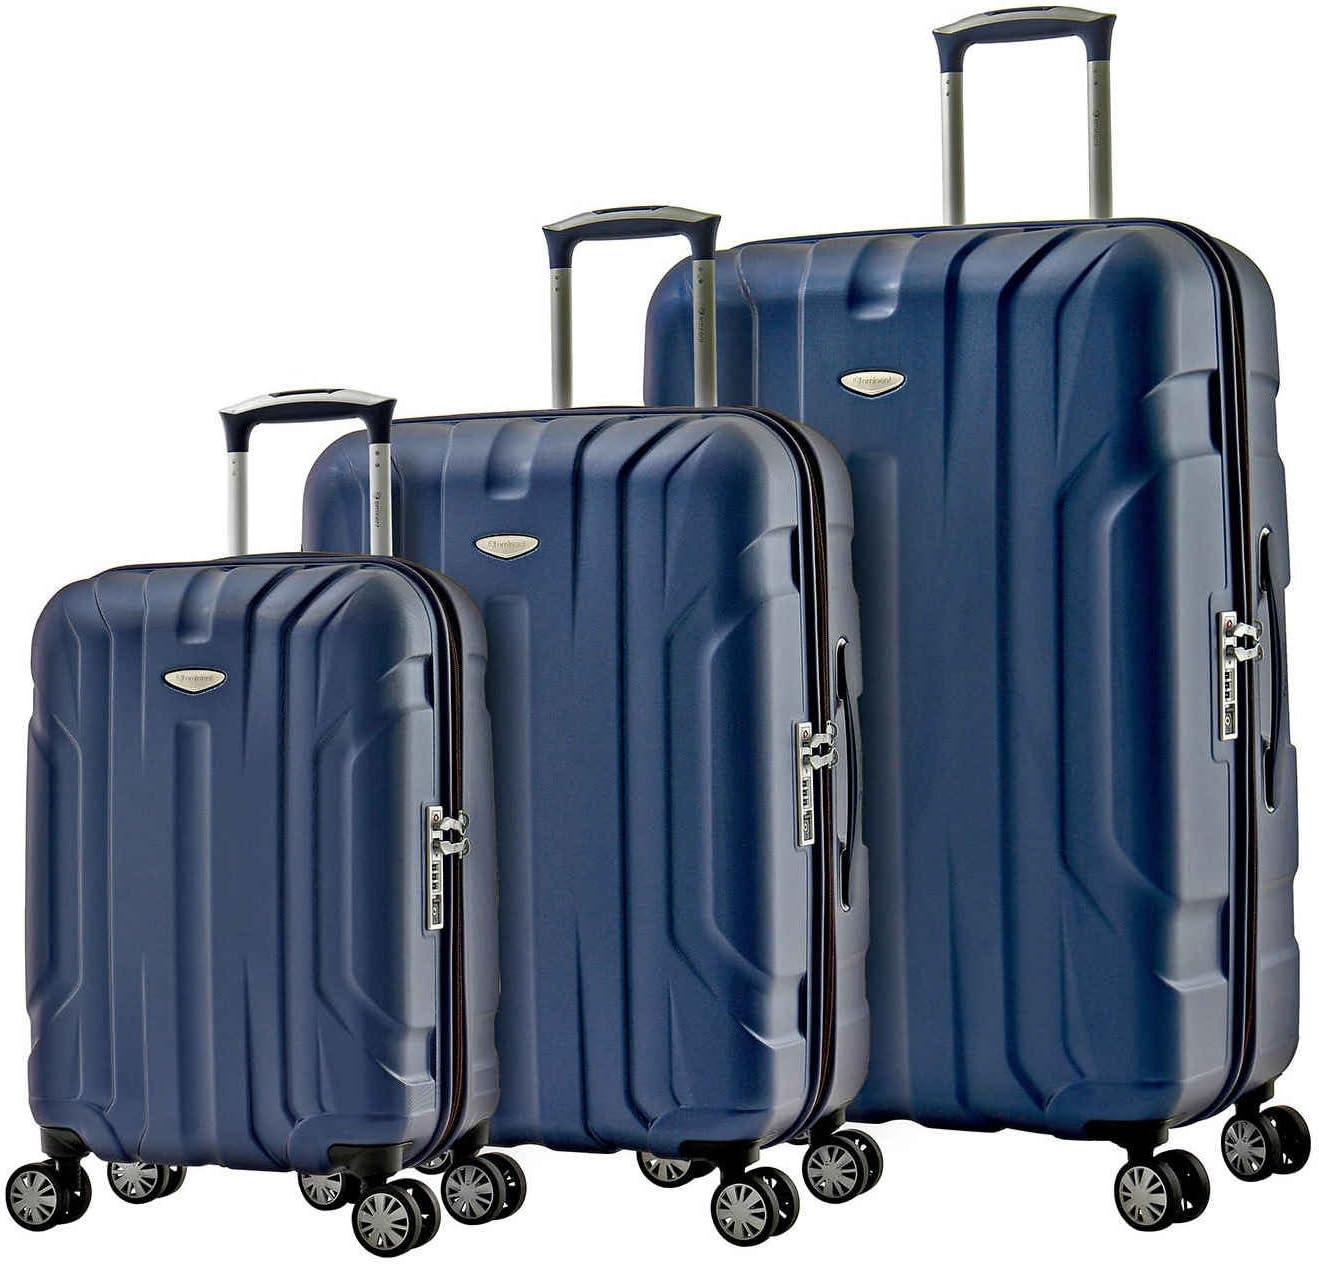 Eminent Juego de Maletas X-Tec Set 3 Piezas de Equipaje (1 de Cabina + 2 para Bodega M y L) 4 Ruedas y 360° Policarbonato Rígido, Candado TSA & Mango Telescópico Azul